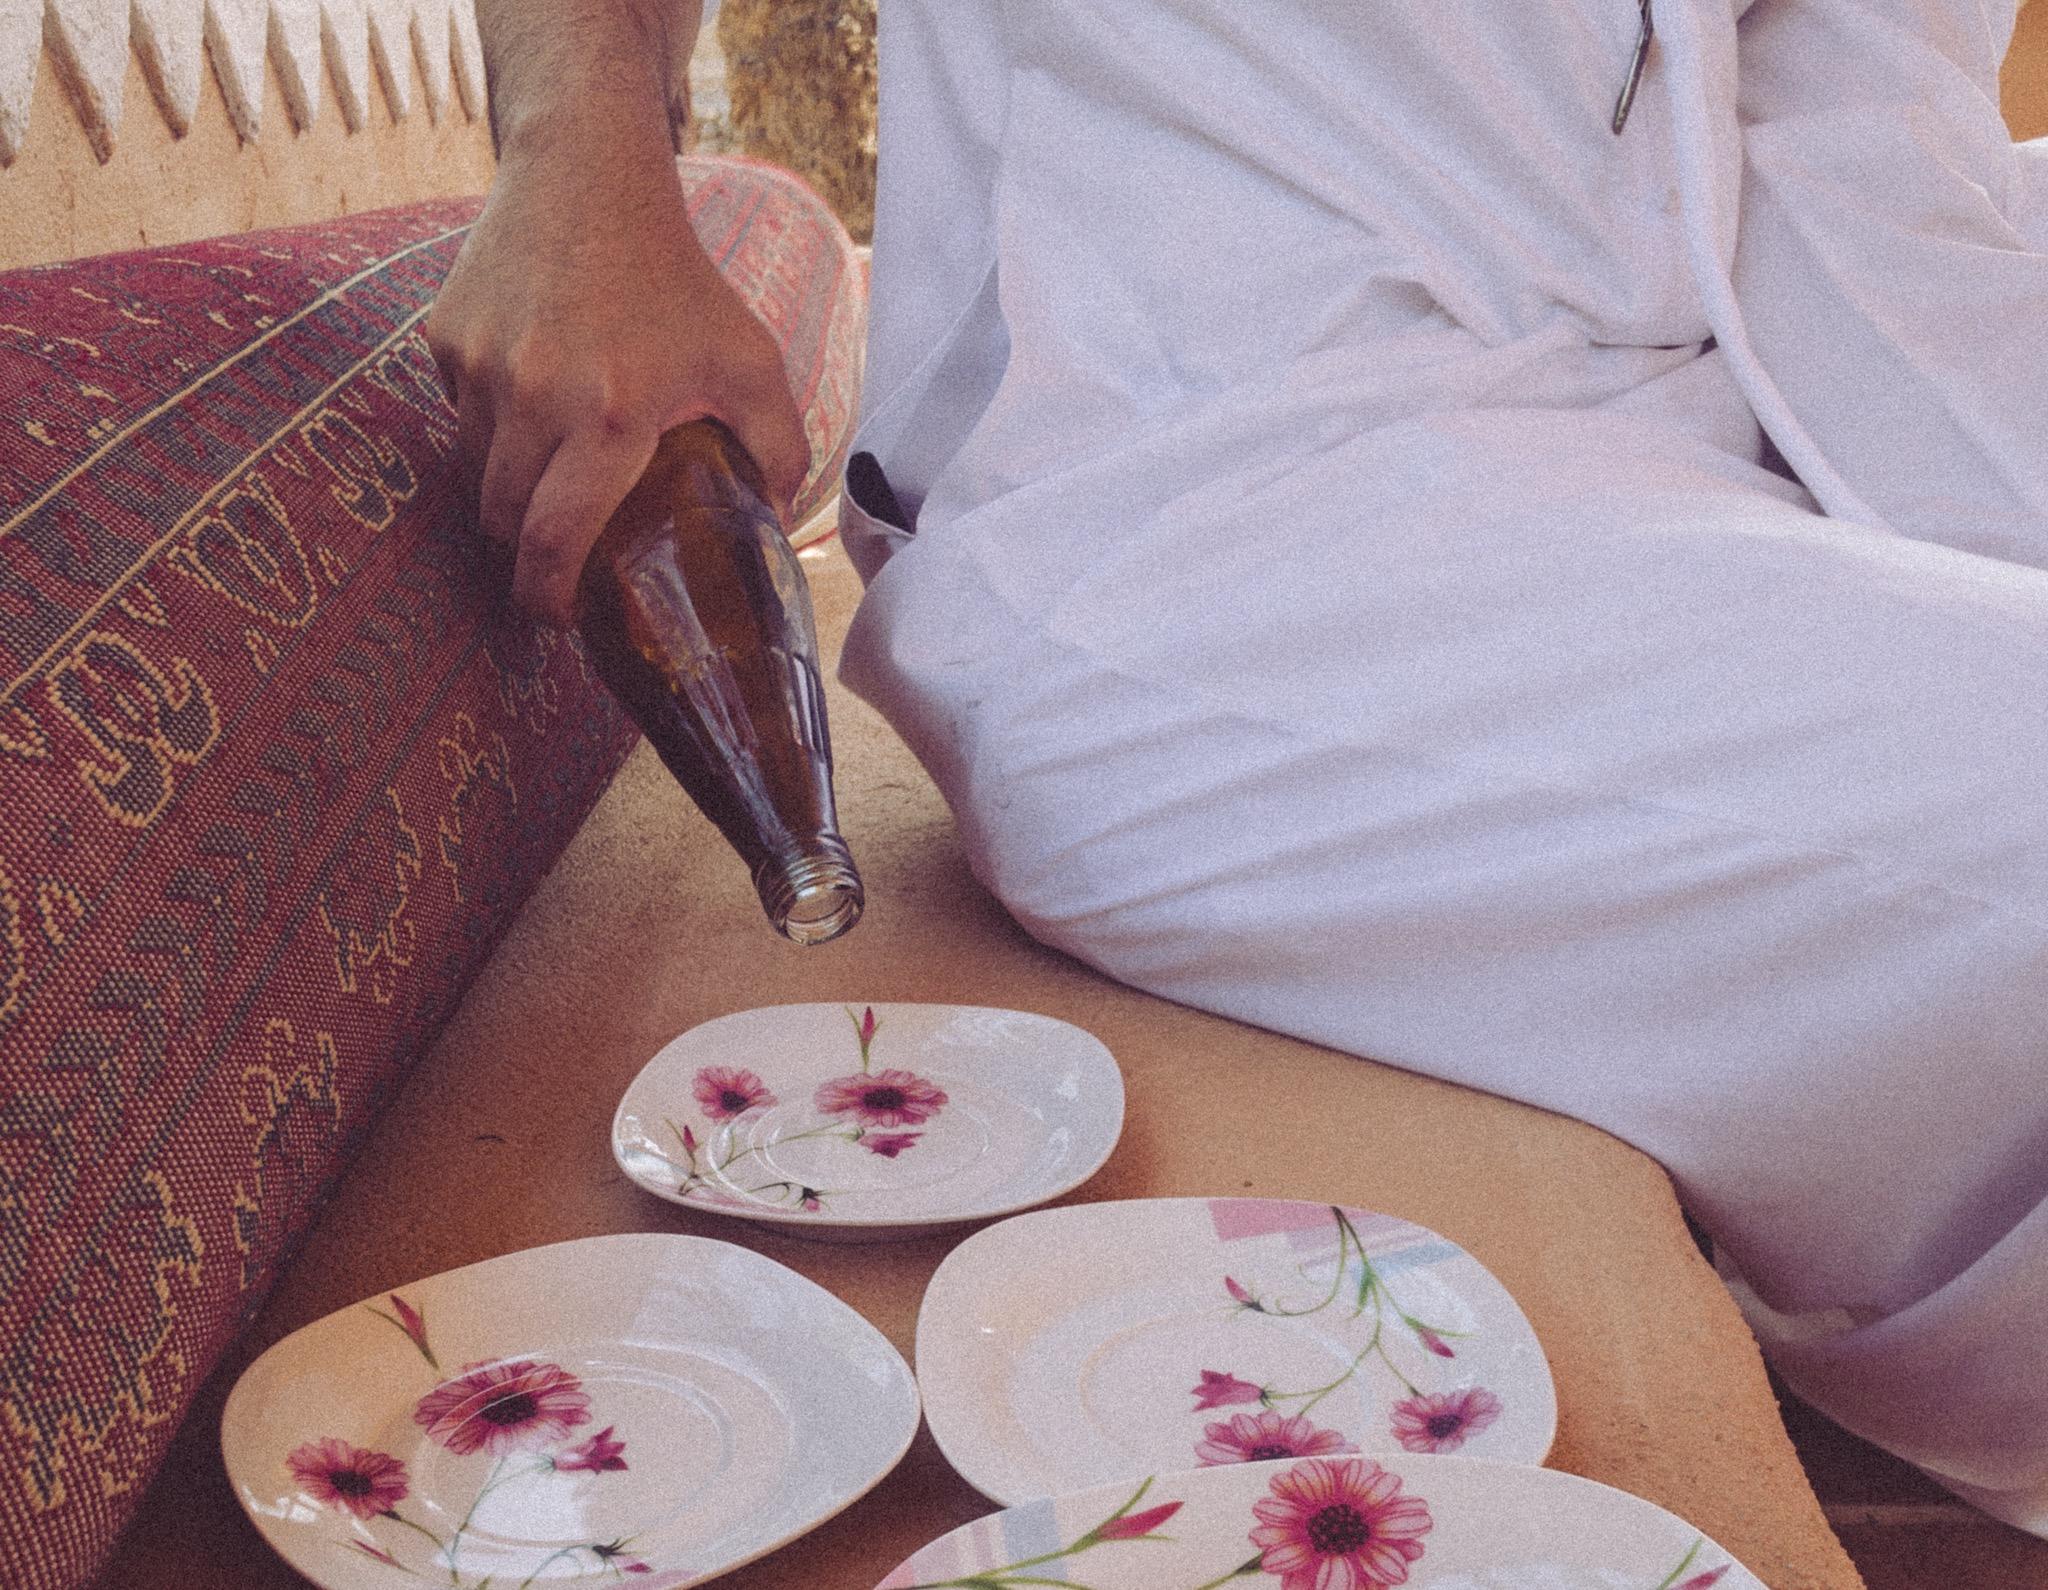 Ras Al Kaimah Honey